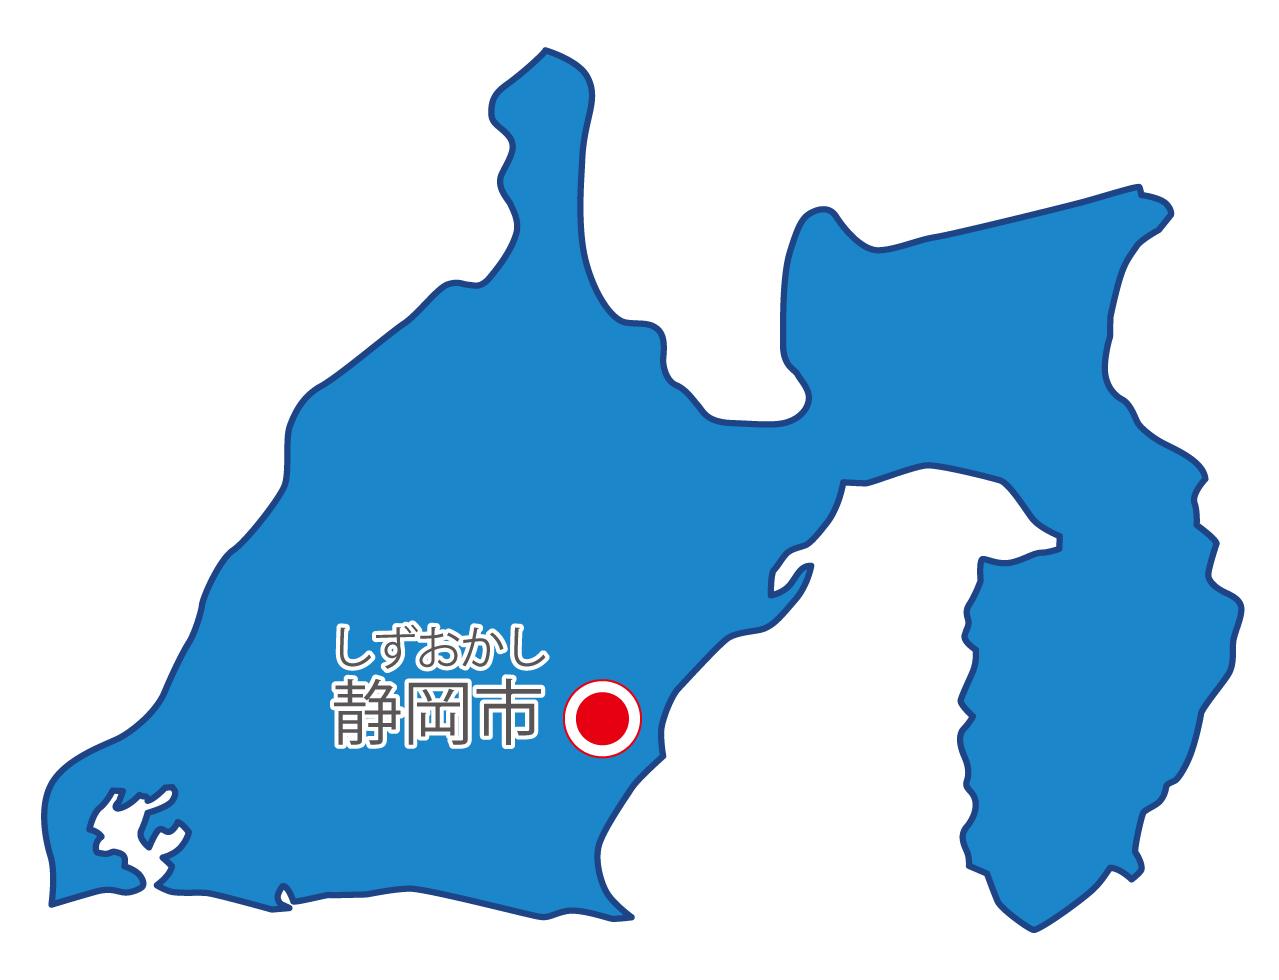 静岡県無料フリーイラスト|日本語・県庁所在地あり・ルビあり(青)